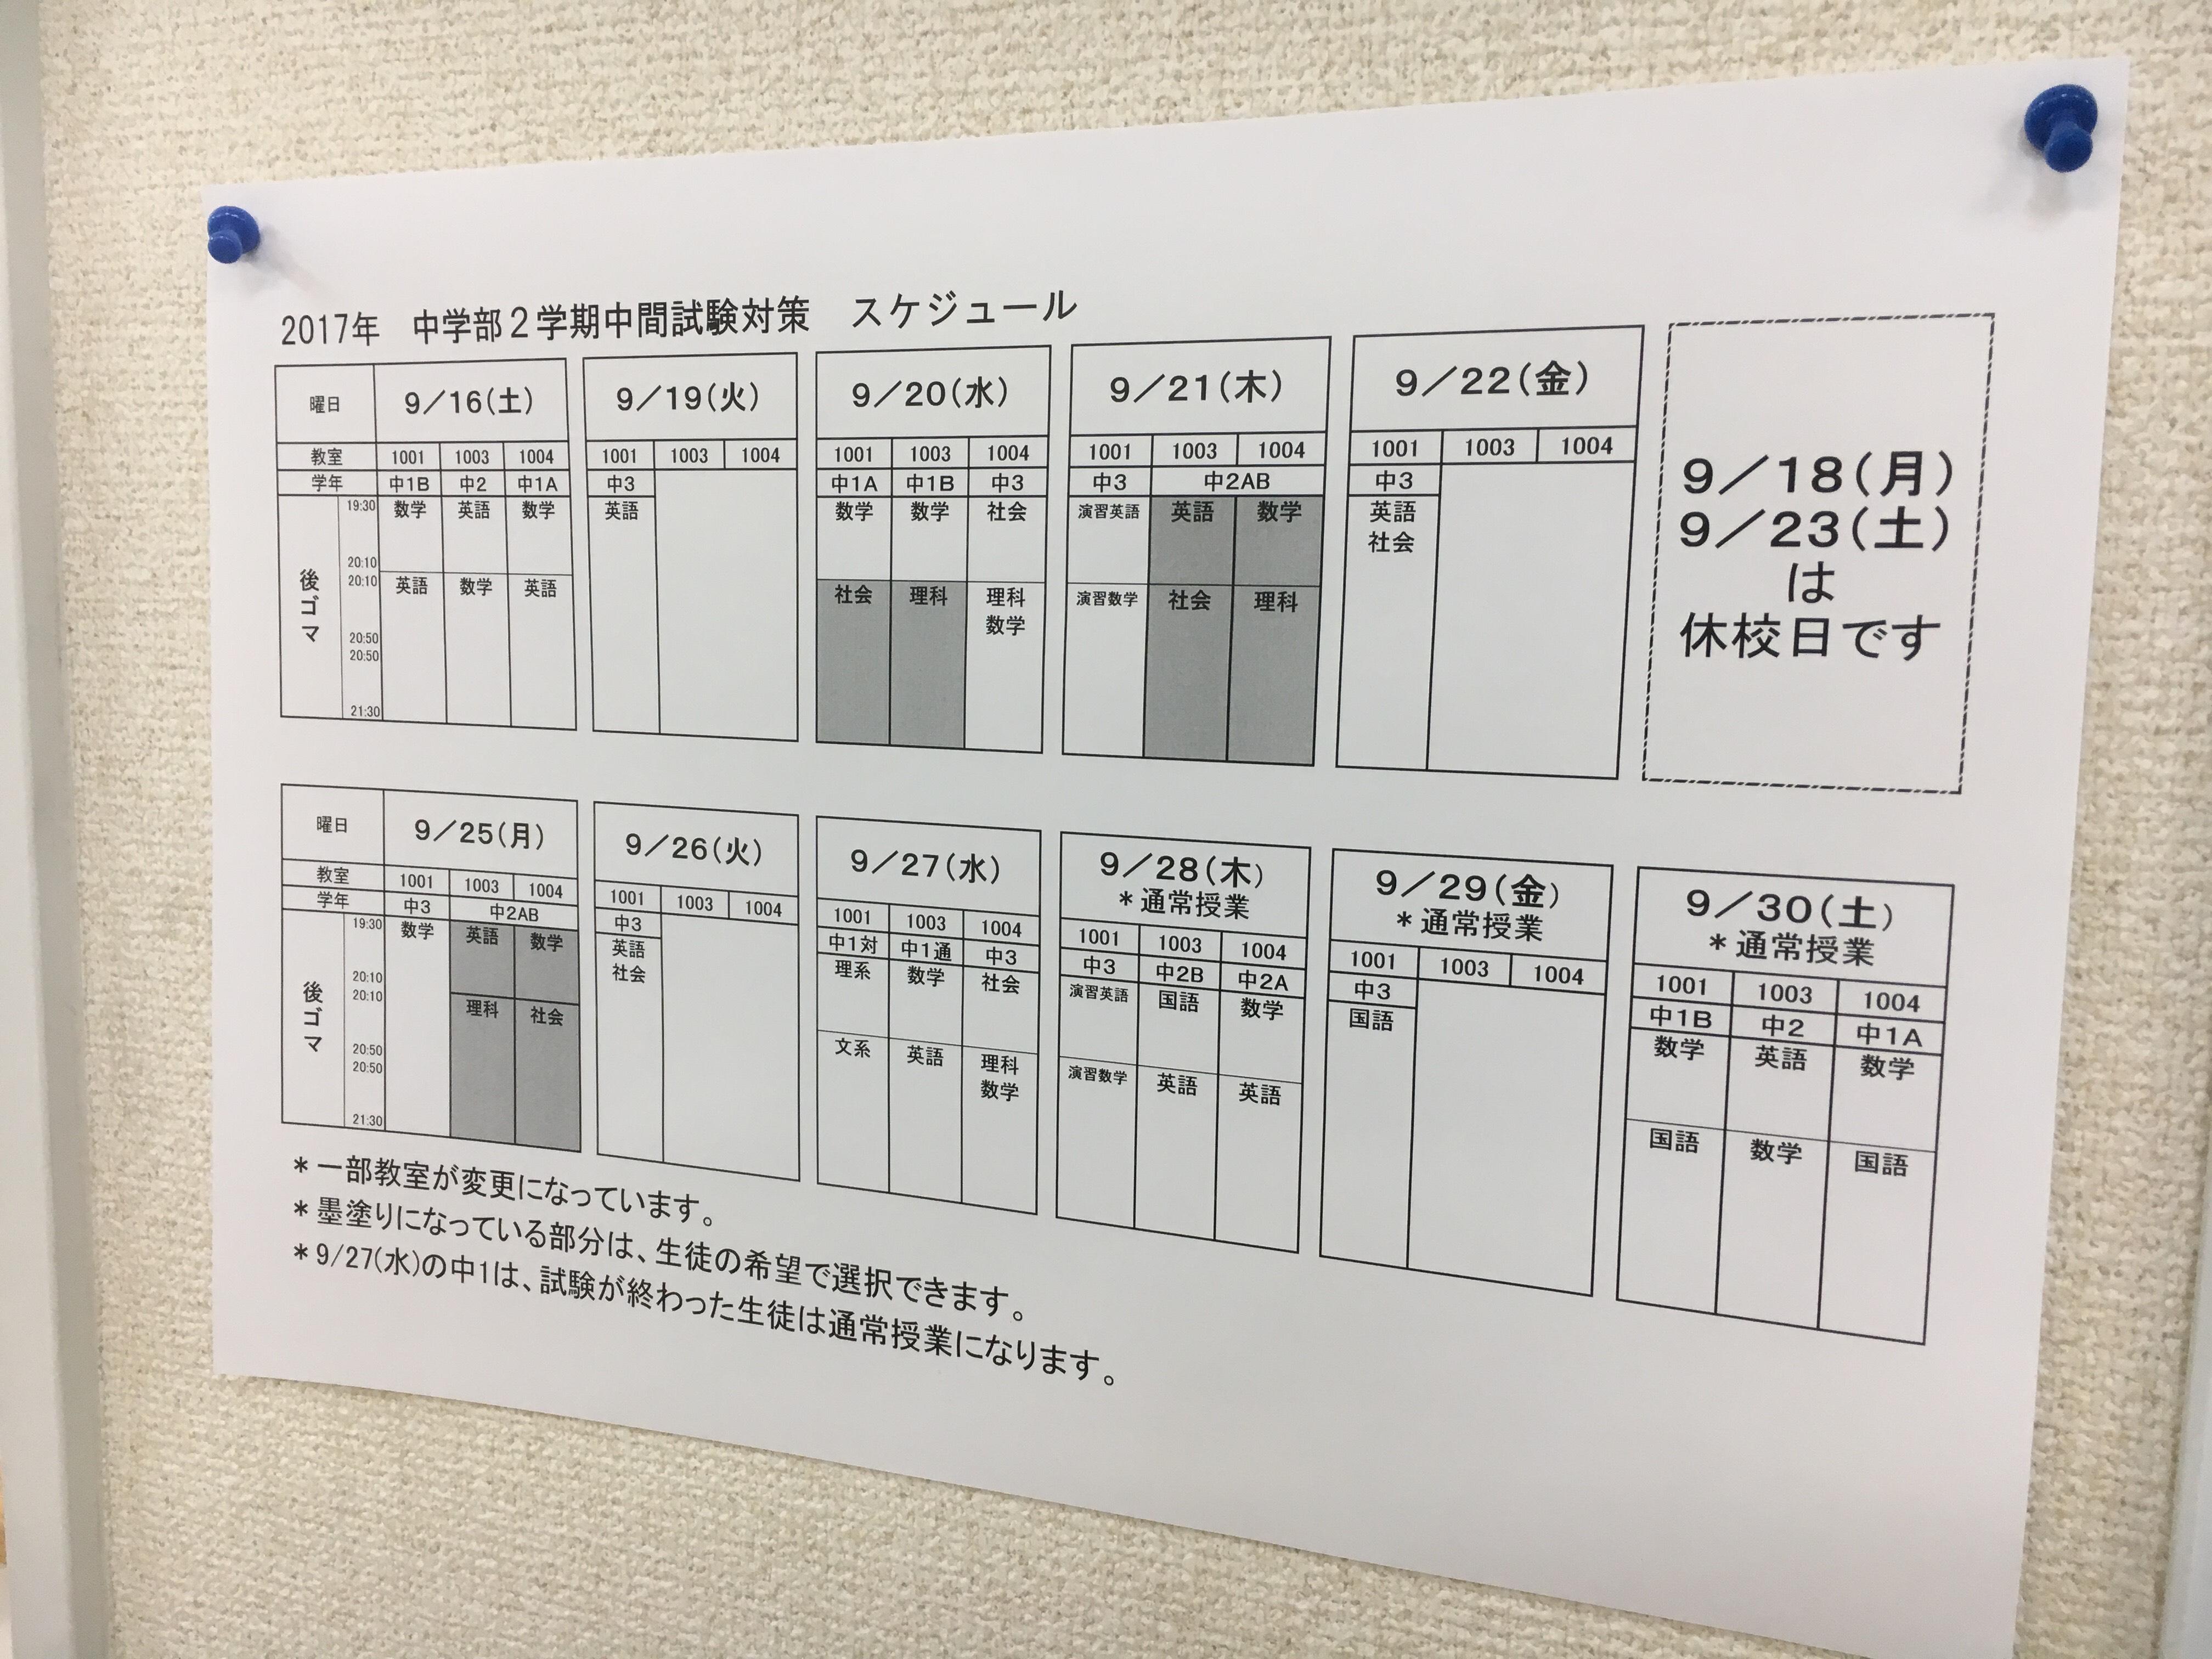 %e4%b8%ad%e9%96%93%e5%af%be%e7%ad%96